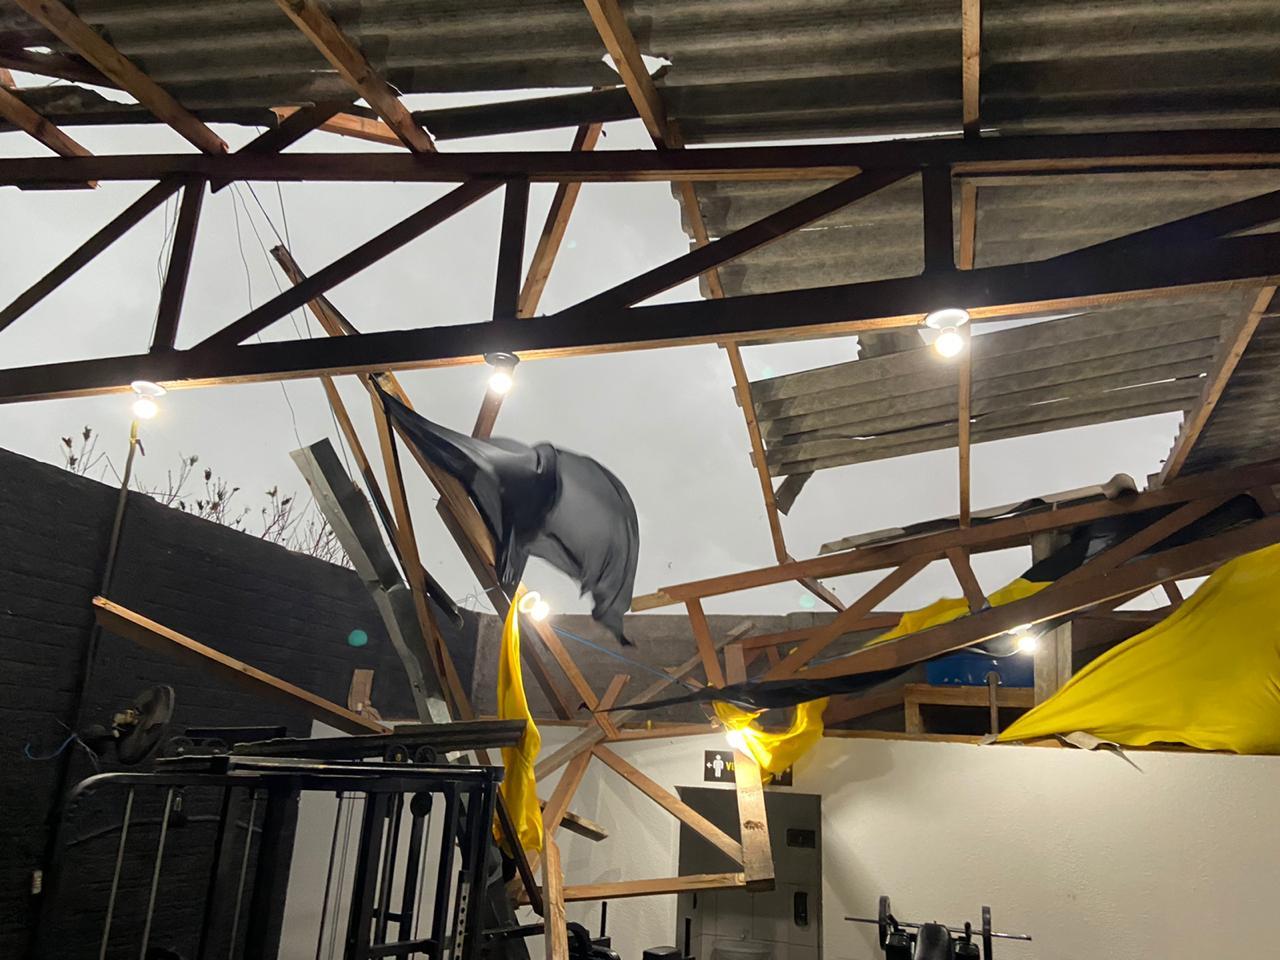 Trinta cidades no PR são afetadas por ciclone que trouxe granizo e ventos de até 120 km/h